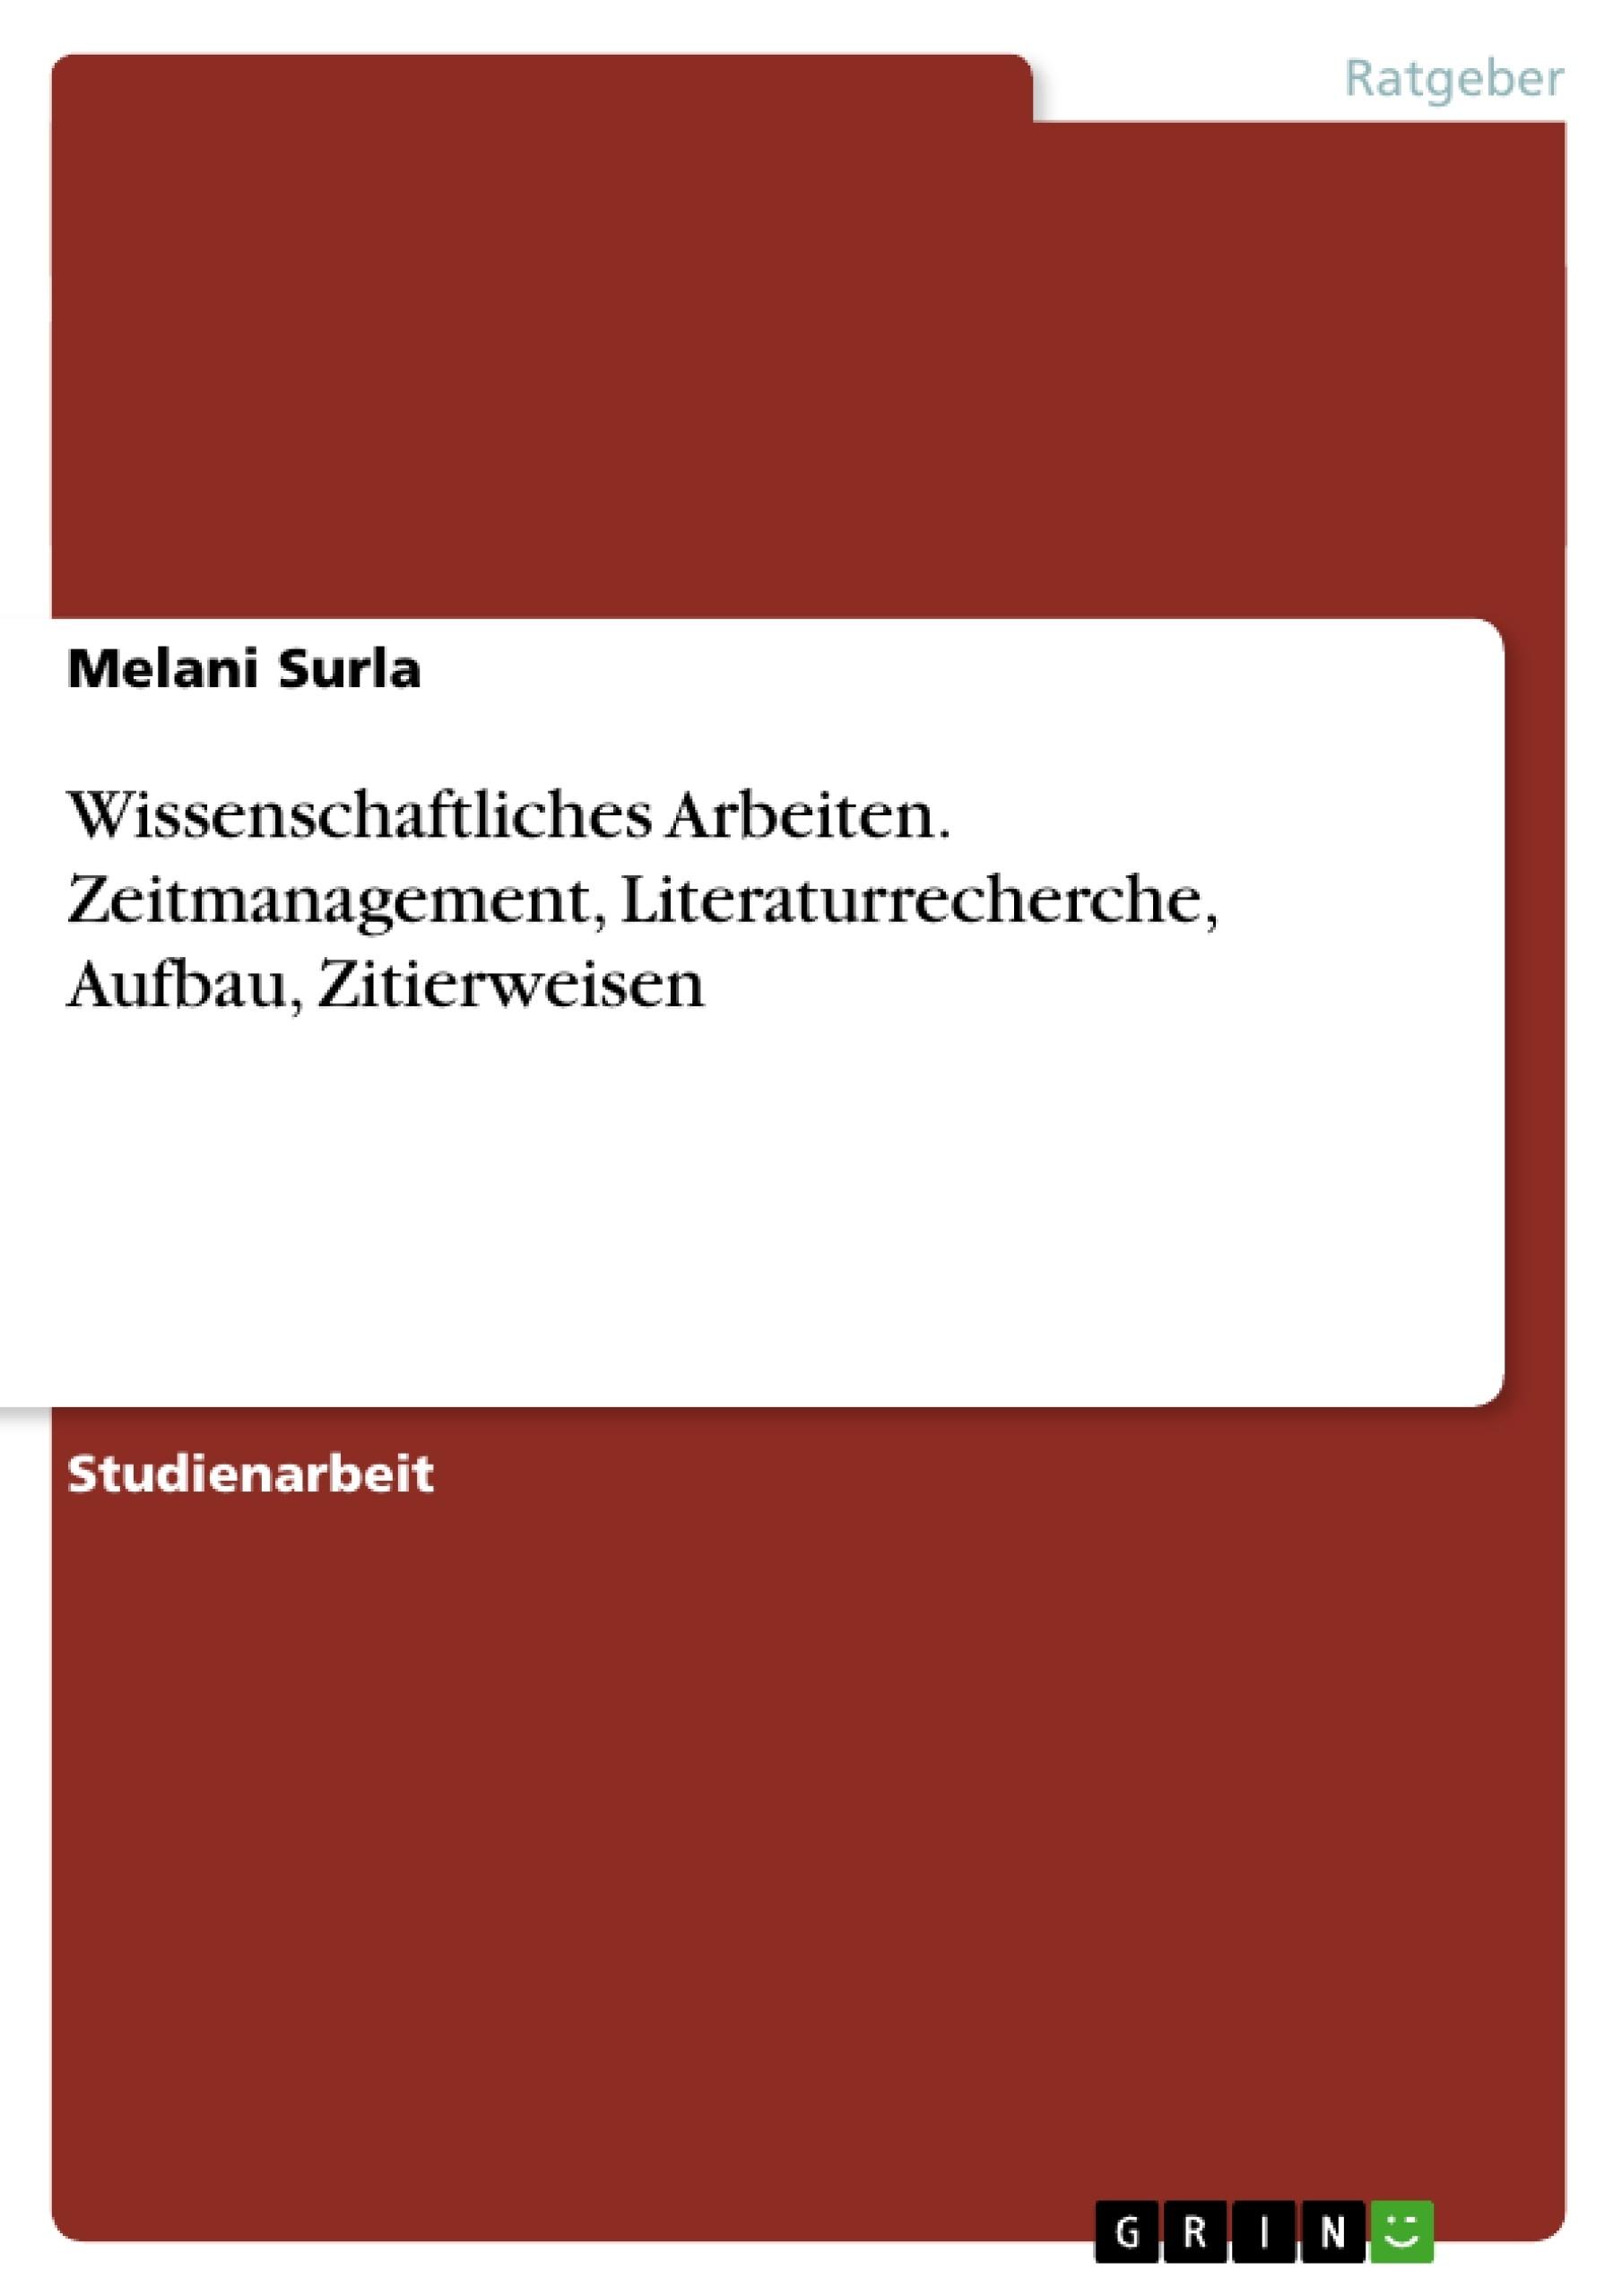 Titel: Wissenschaftliches  Arbeiten. Zeitmanagement, Literaturrecherche, Aufbau, Zitierweisen